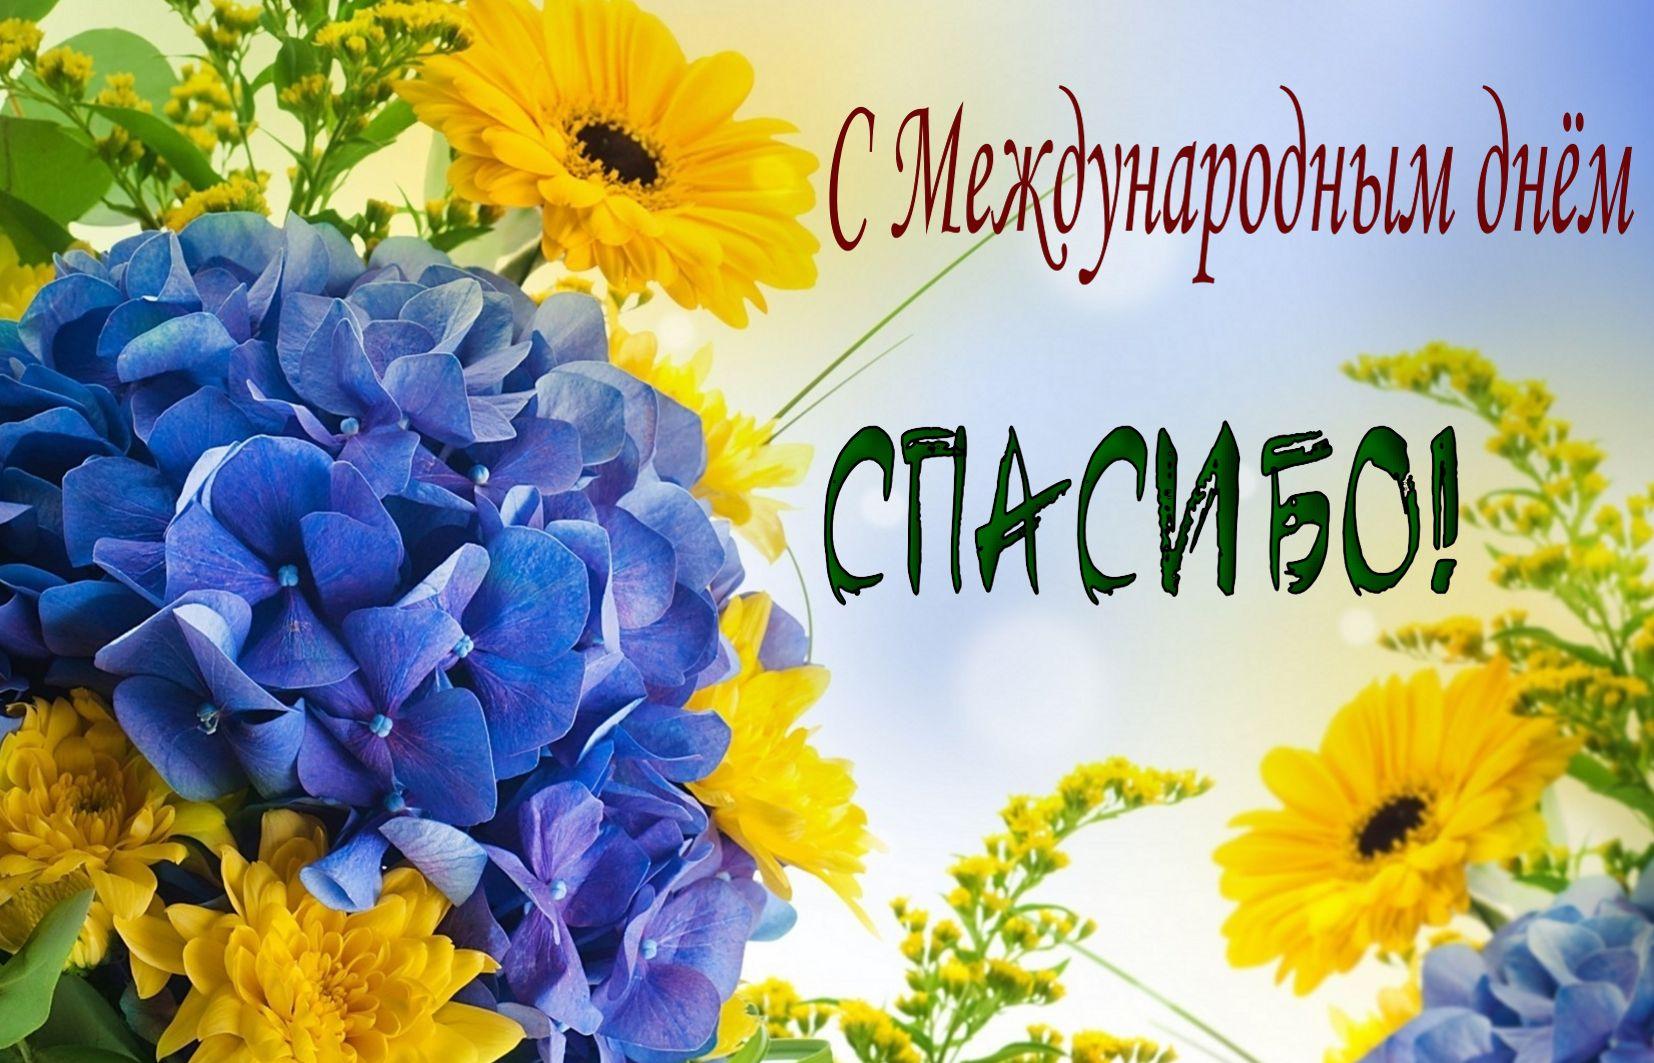 Открытка на День спасибо - красивые цветы на фоне ясного неба